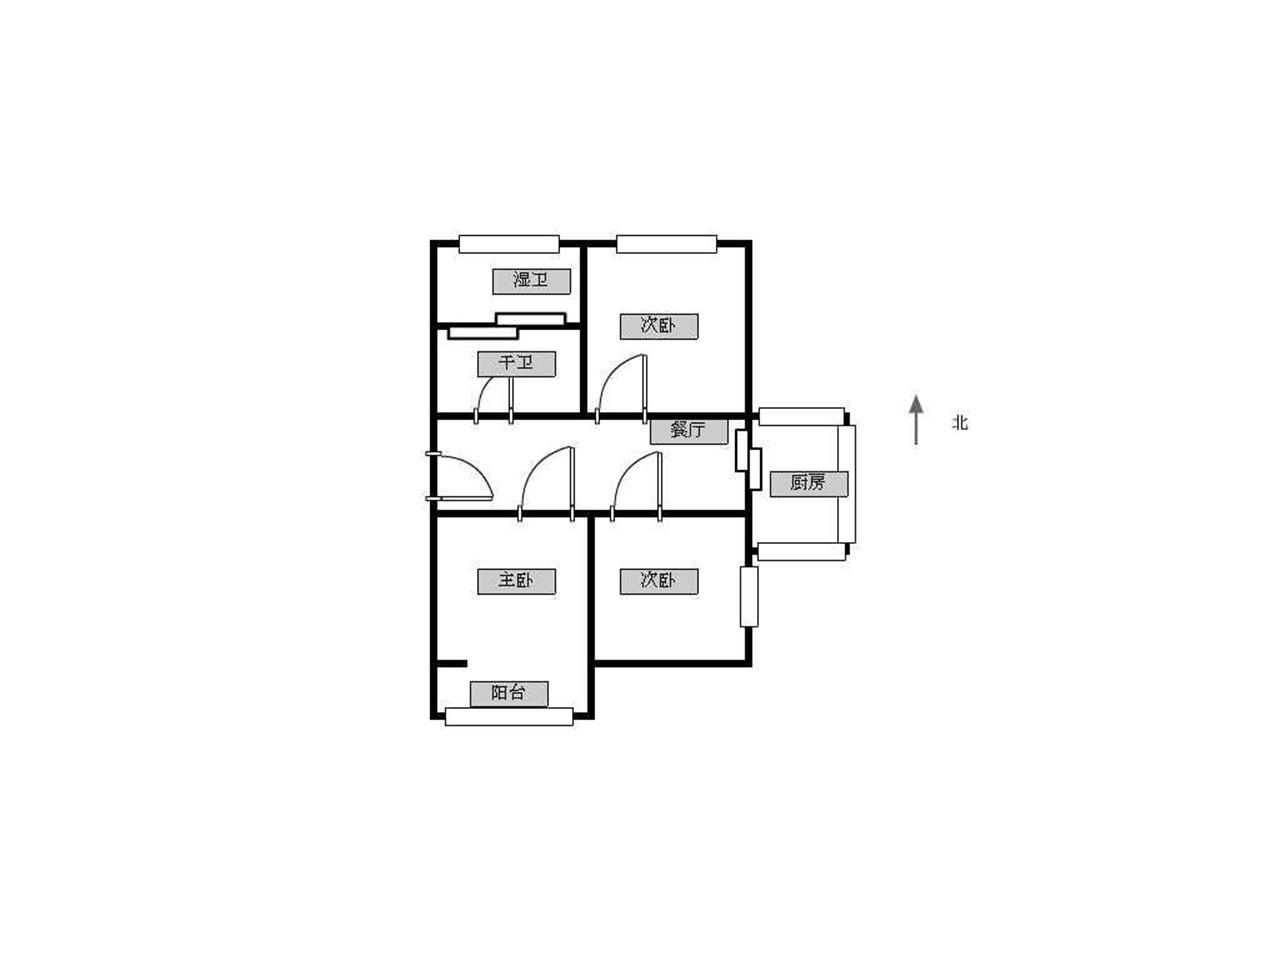 鼓楼区宁海路匡芦路24号3室2厅户型图